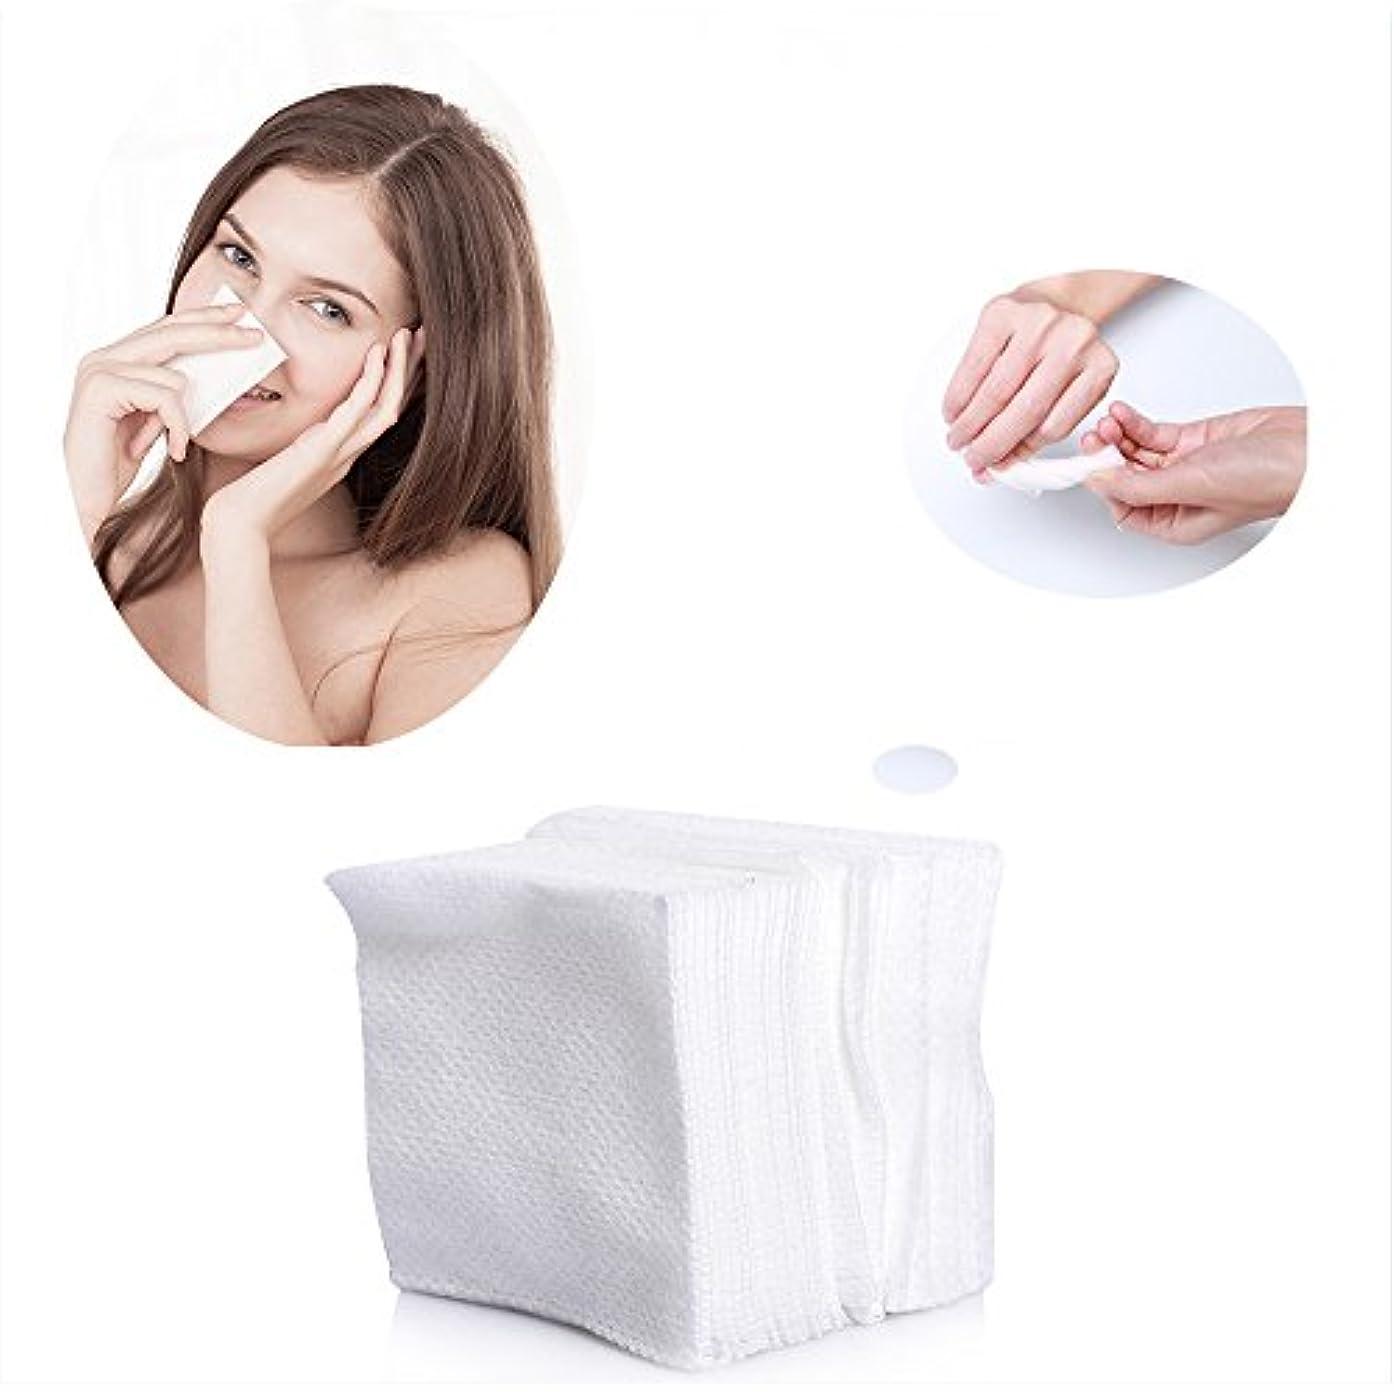 仮称チラチラするラッカスコットンパフ 化粧用コットン 敏感肌 顔拭きシート メイクアップ コットン 100枚入